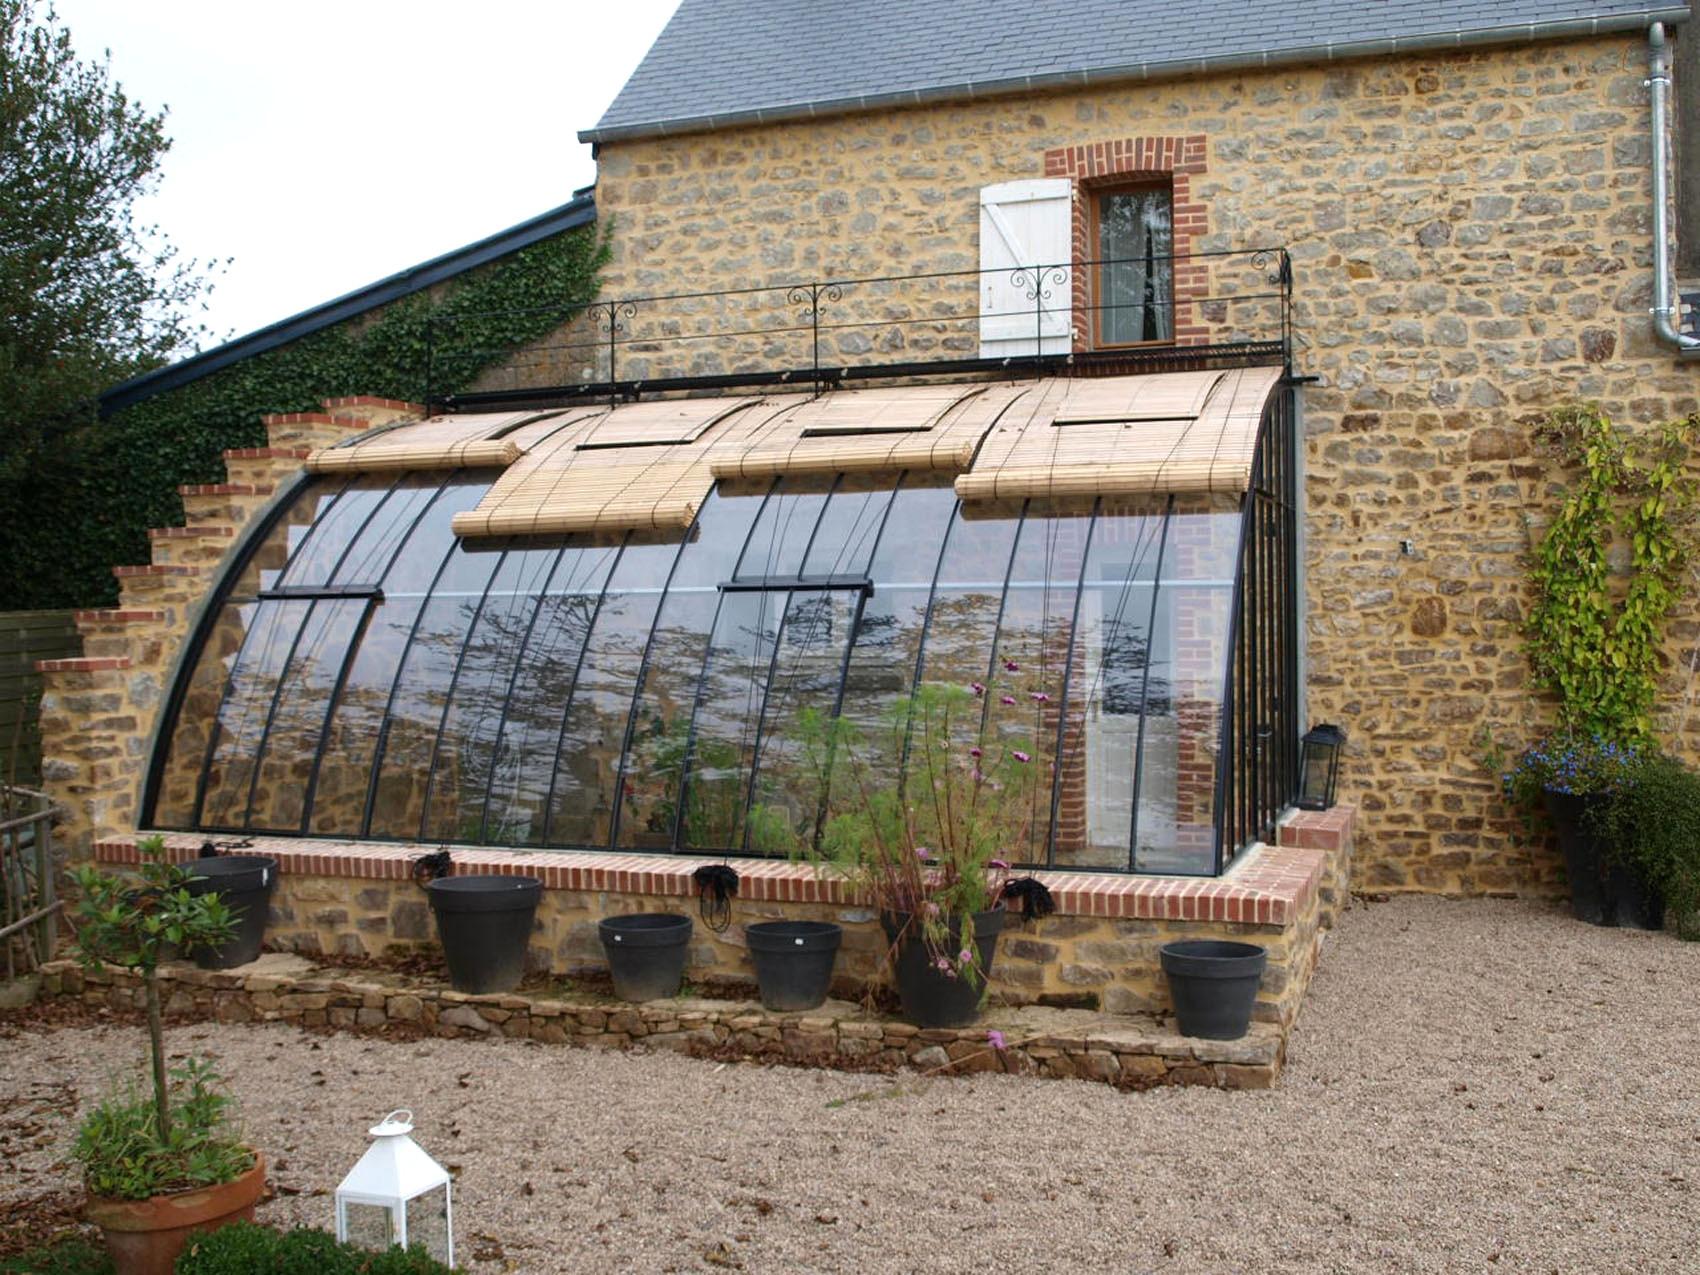 Cabanes De Jardin Leroy Merlin Unique Photographie Leroy Merlin Abri Jardin Pour étourdissant Leroy Merlin Serre De